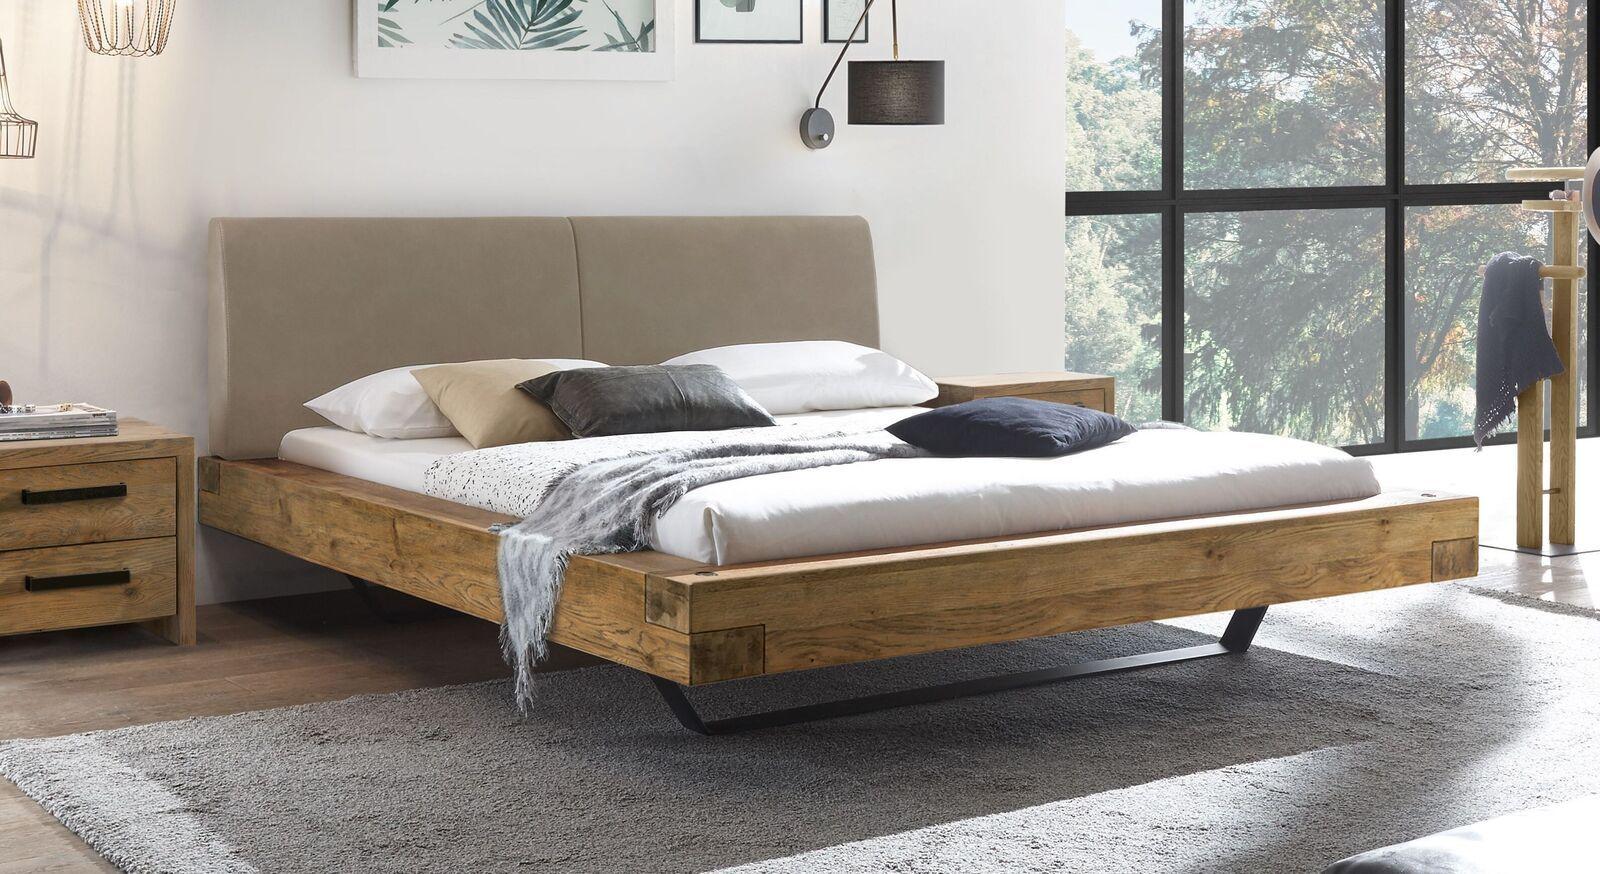 Bett In Balkenoptik Aus Wildeiche Kunstleder Metall Okondo Schlafzimmerrenovierung Bett Eiche Schlafzimmer Design